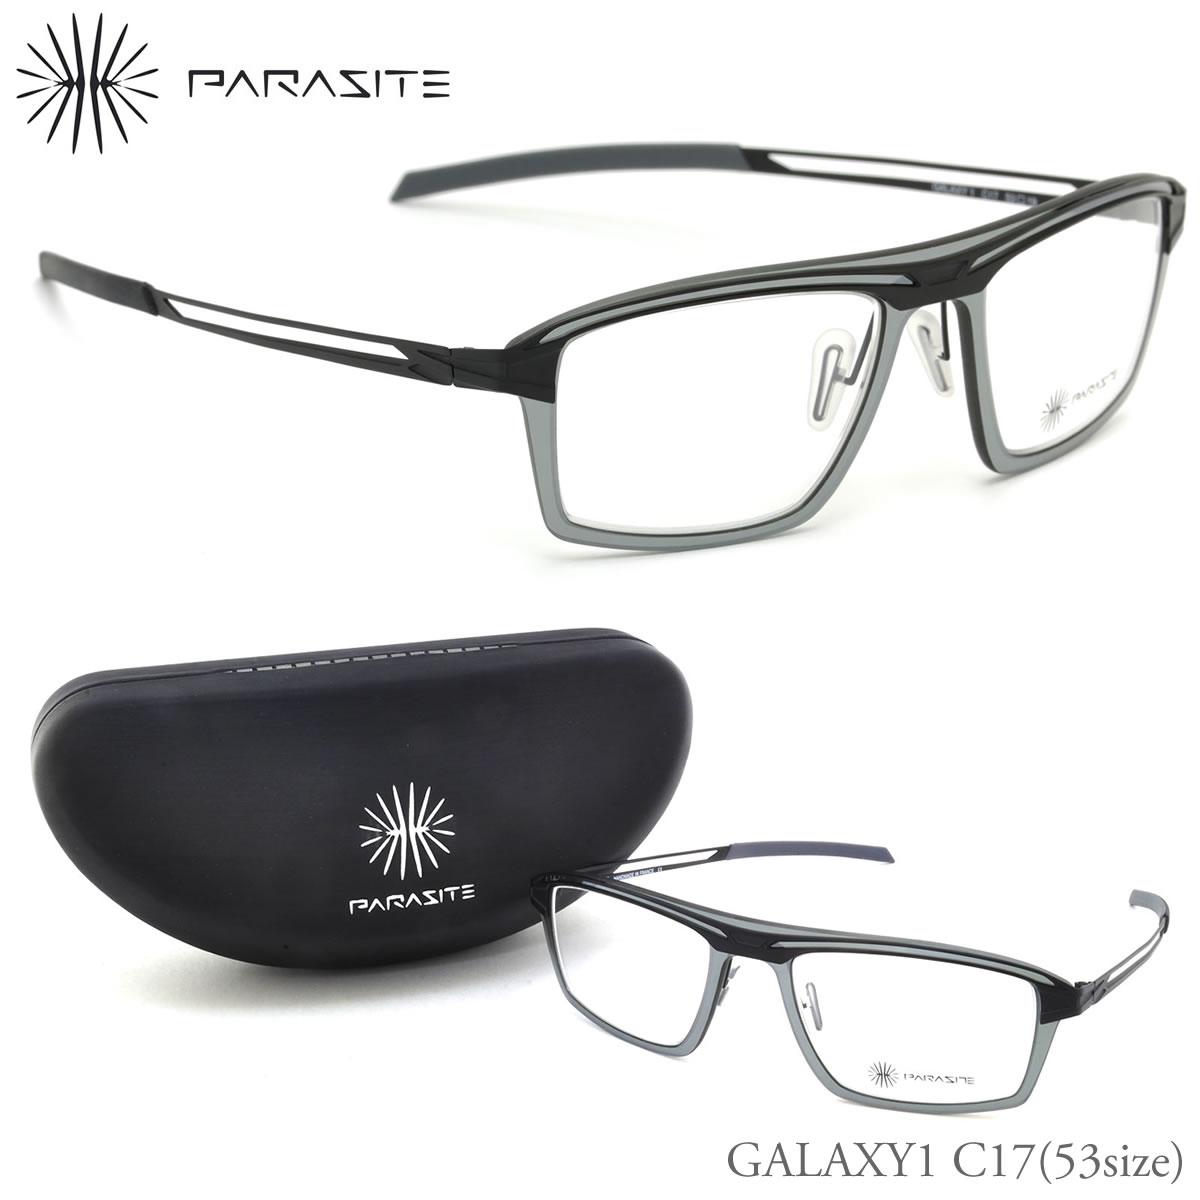 ポイント最大42倍!!お得なクーポンも !! 【PARASITE】(パラサイト) メガネ GALAXY1 C17 53サイズ GALAXY1 ミラー スクエア パラサイト PARASITE メンズ レディース